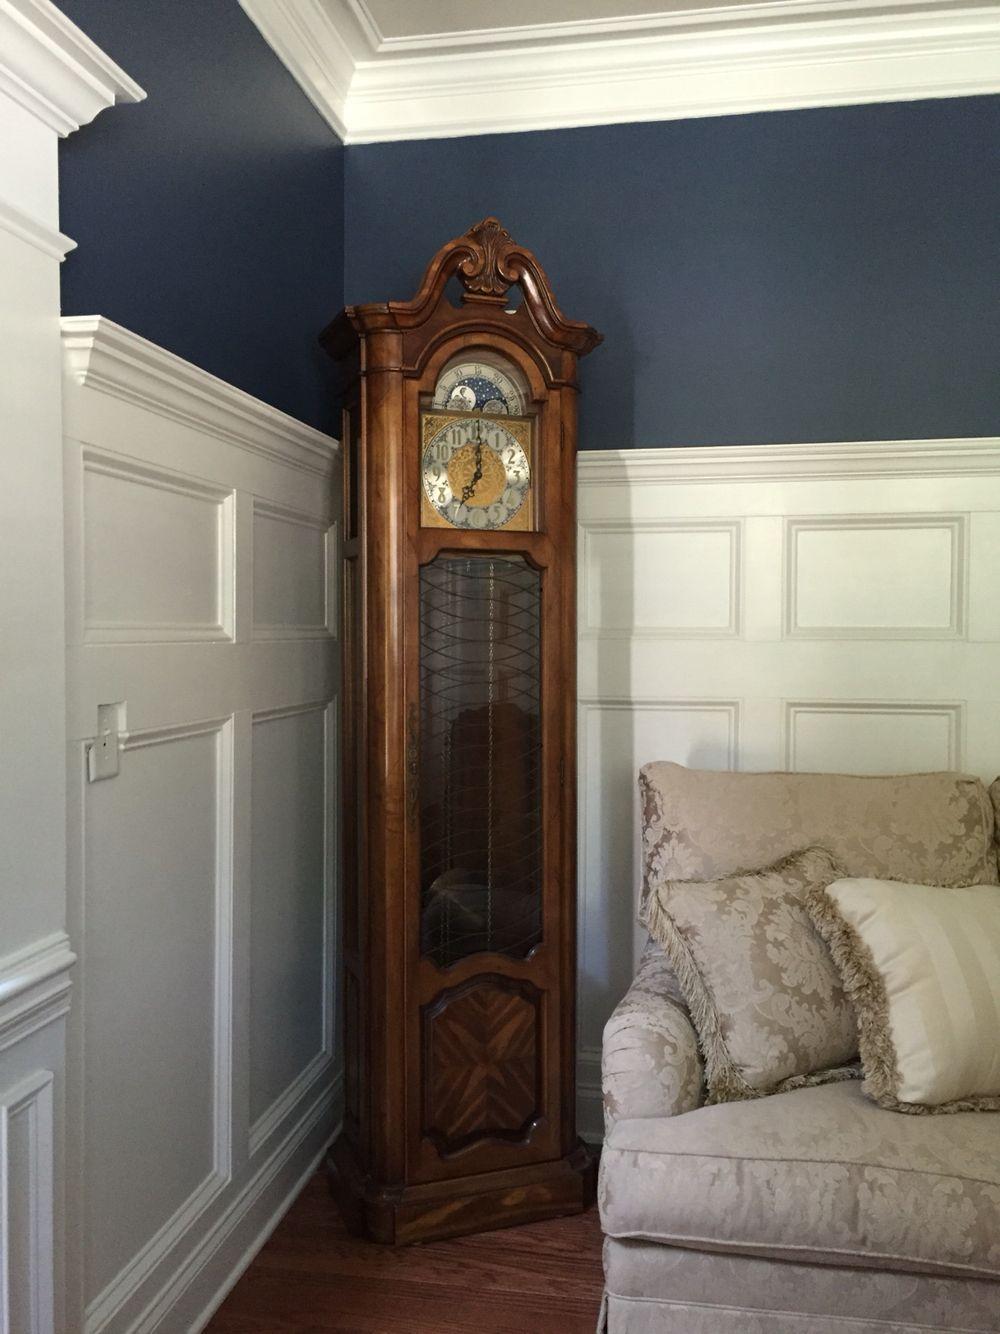 Benjamin moore van deusen blue with white dove trim dining room in